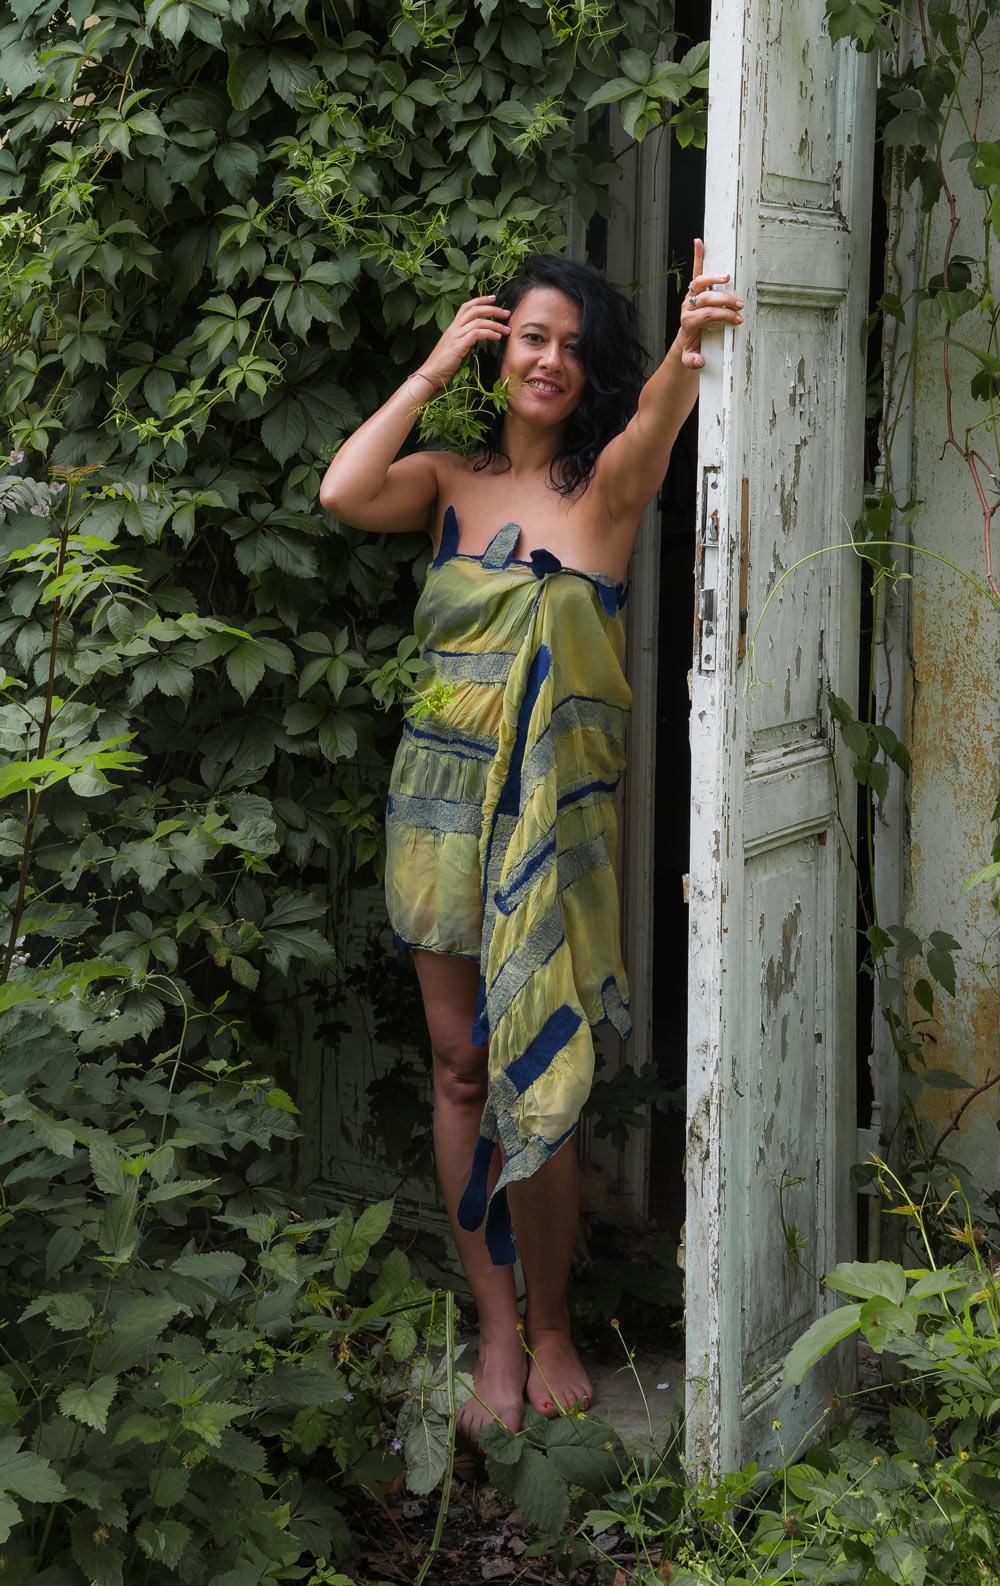 sawatou-felt-fashion-dress-scarf-yellow-WEB